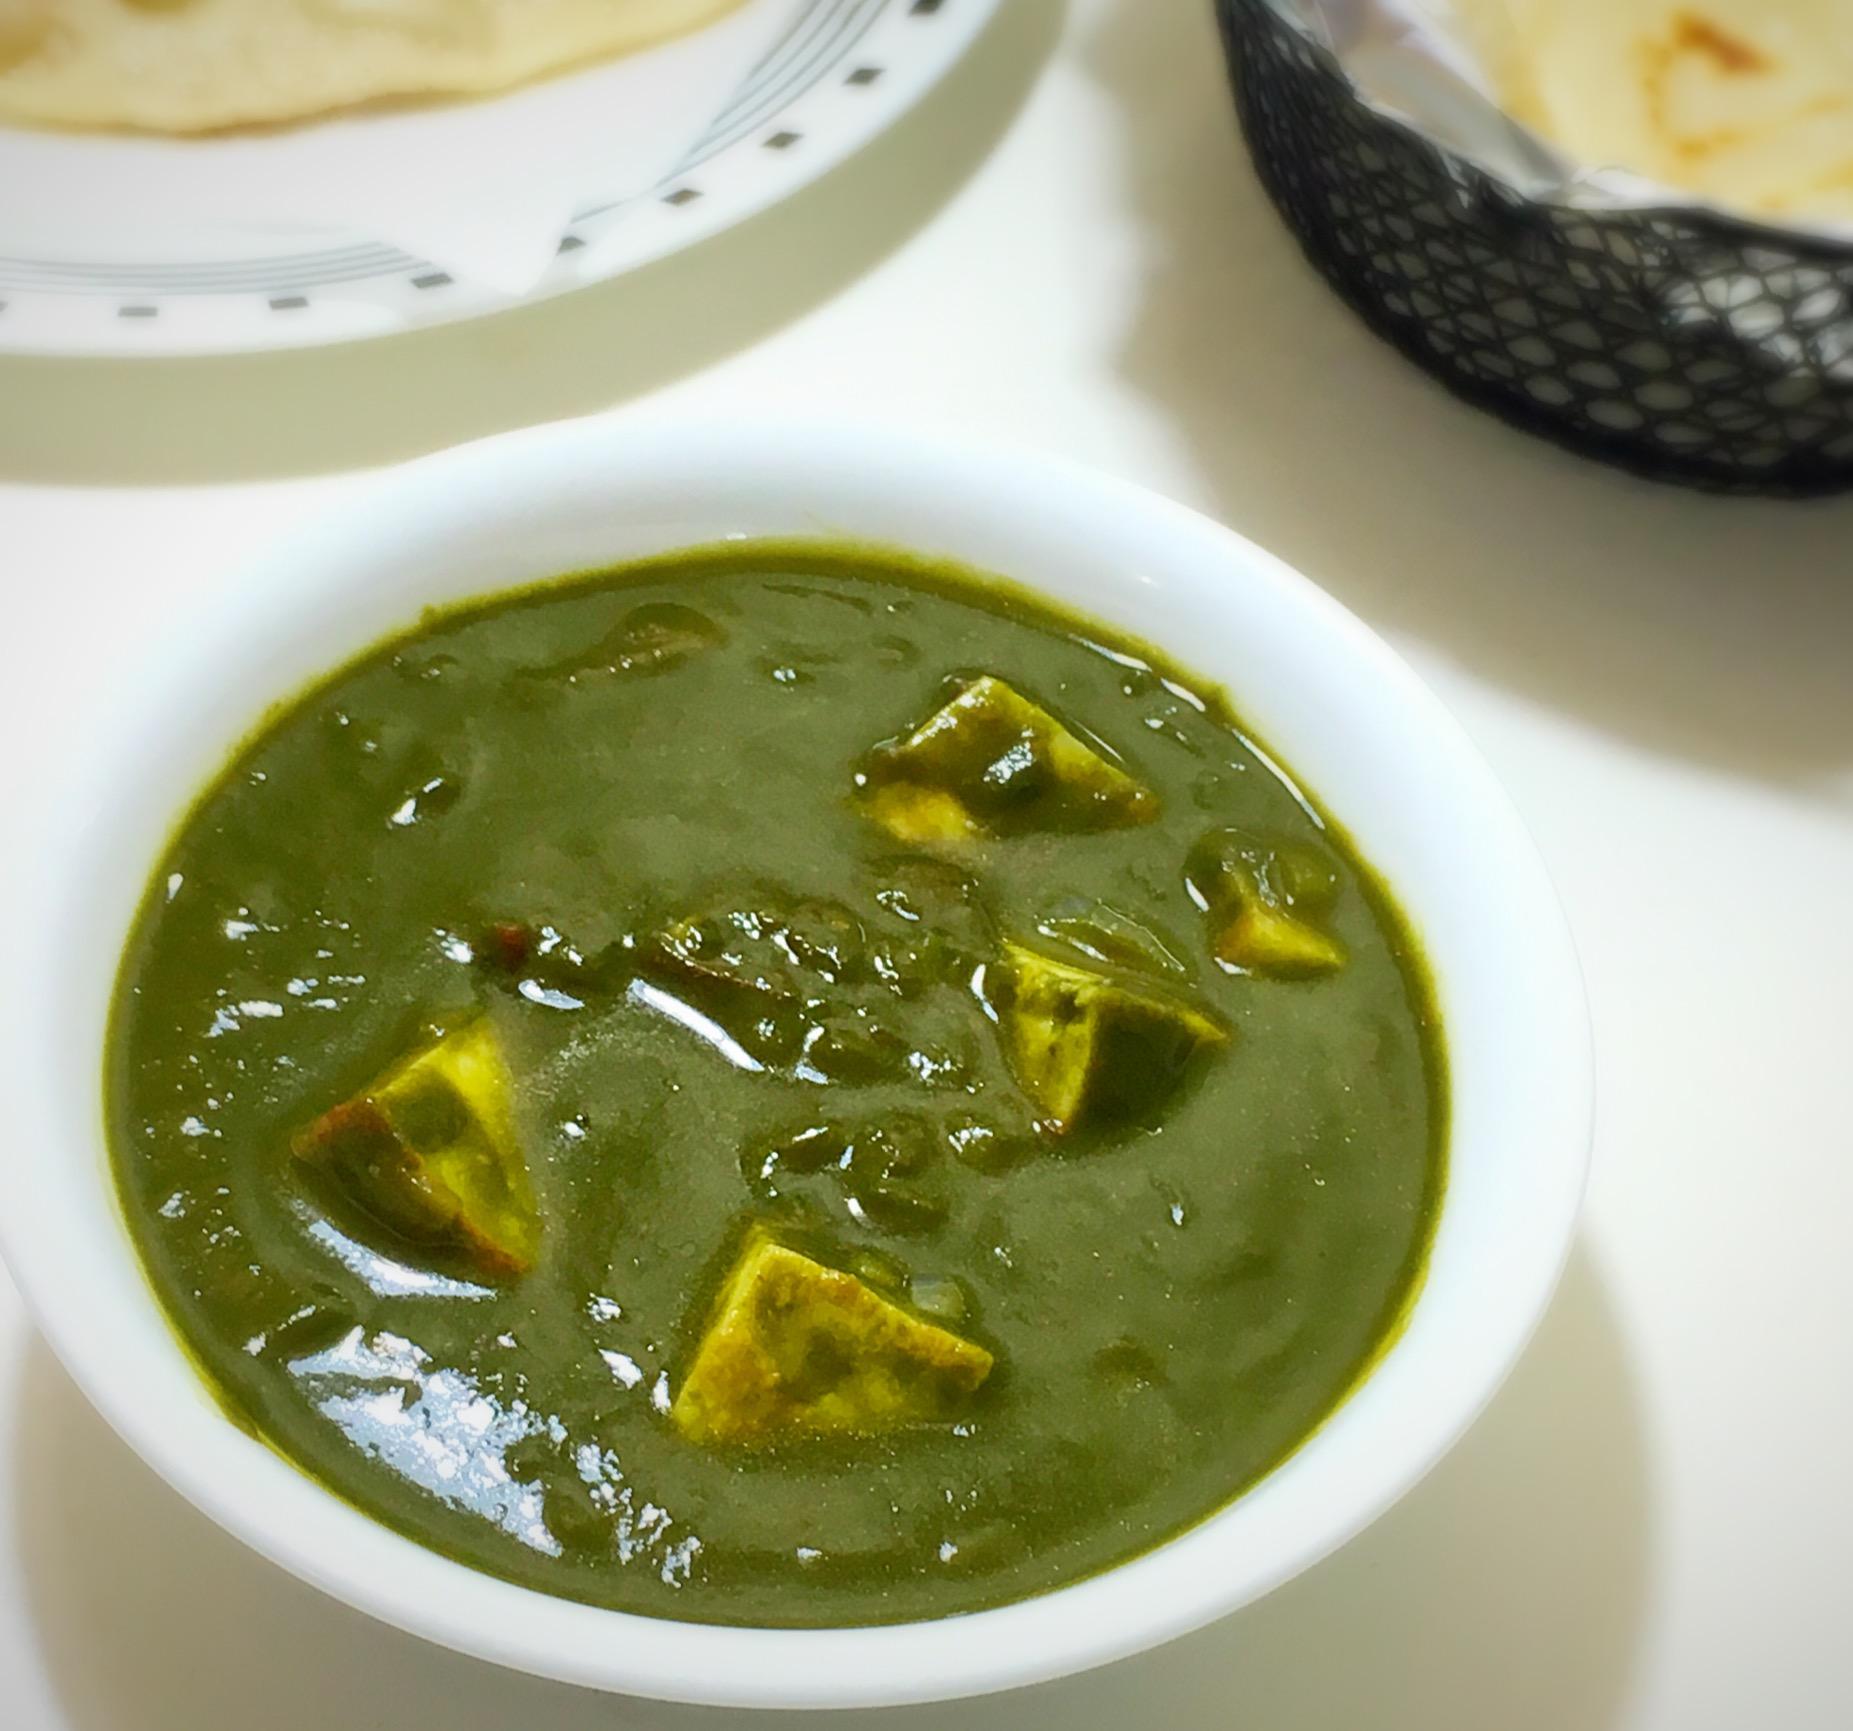 naan, palak paneer,paneer, spinach, palak, garlic naan, paneer gravy, paneer, paneer curry, tava naan, spinach gravy, tava naan, spinach curry,